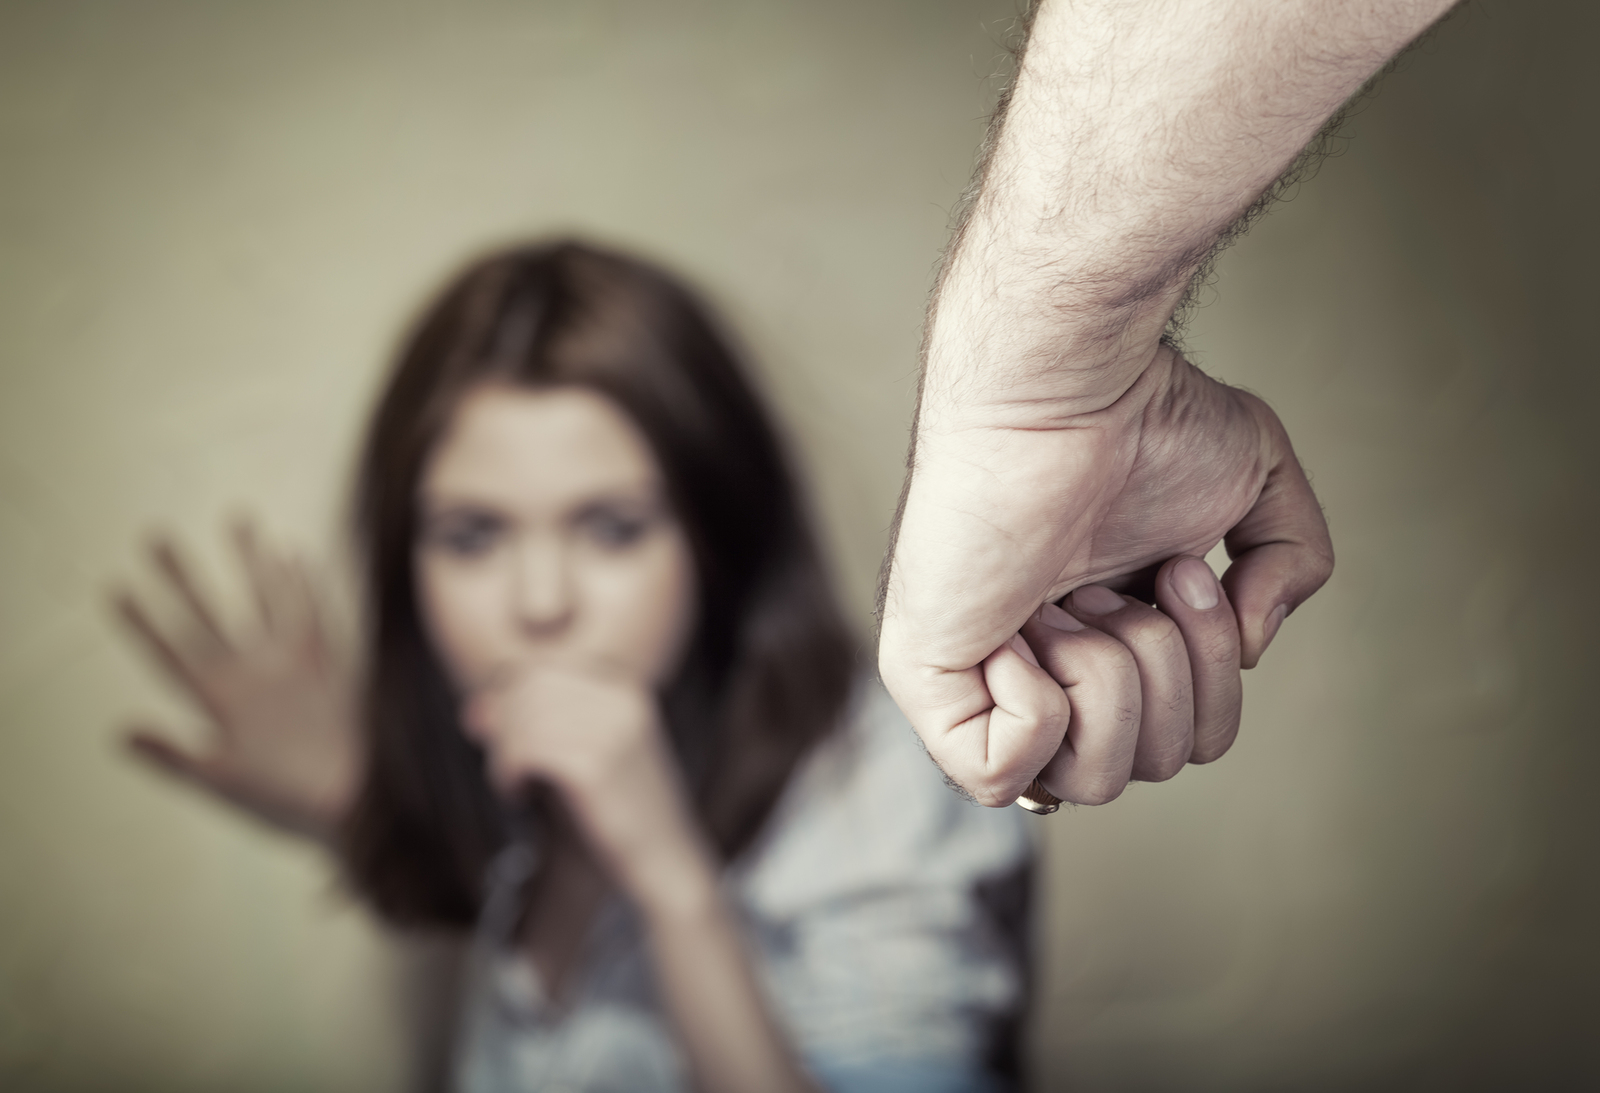 violencia de genero crianza